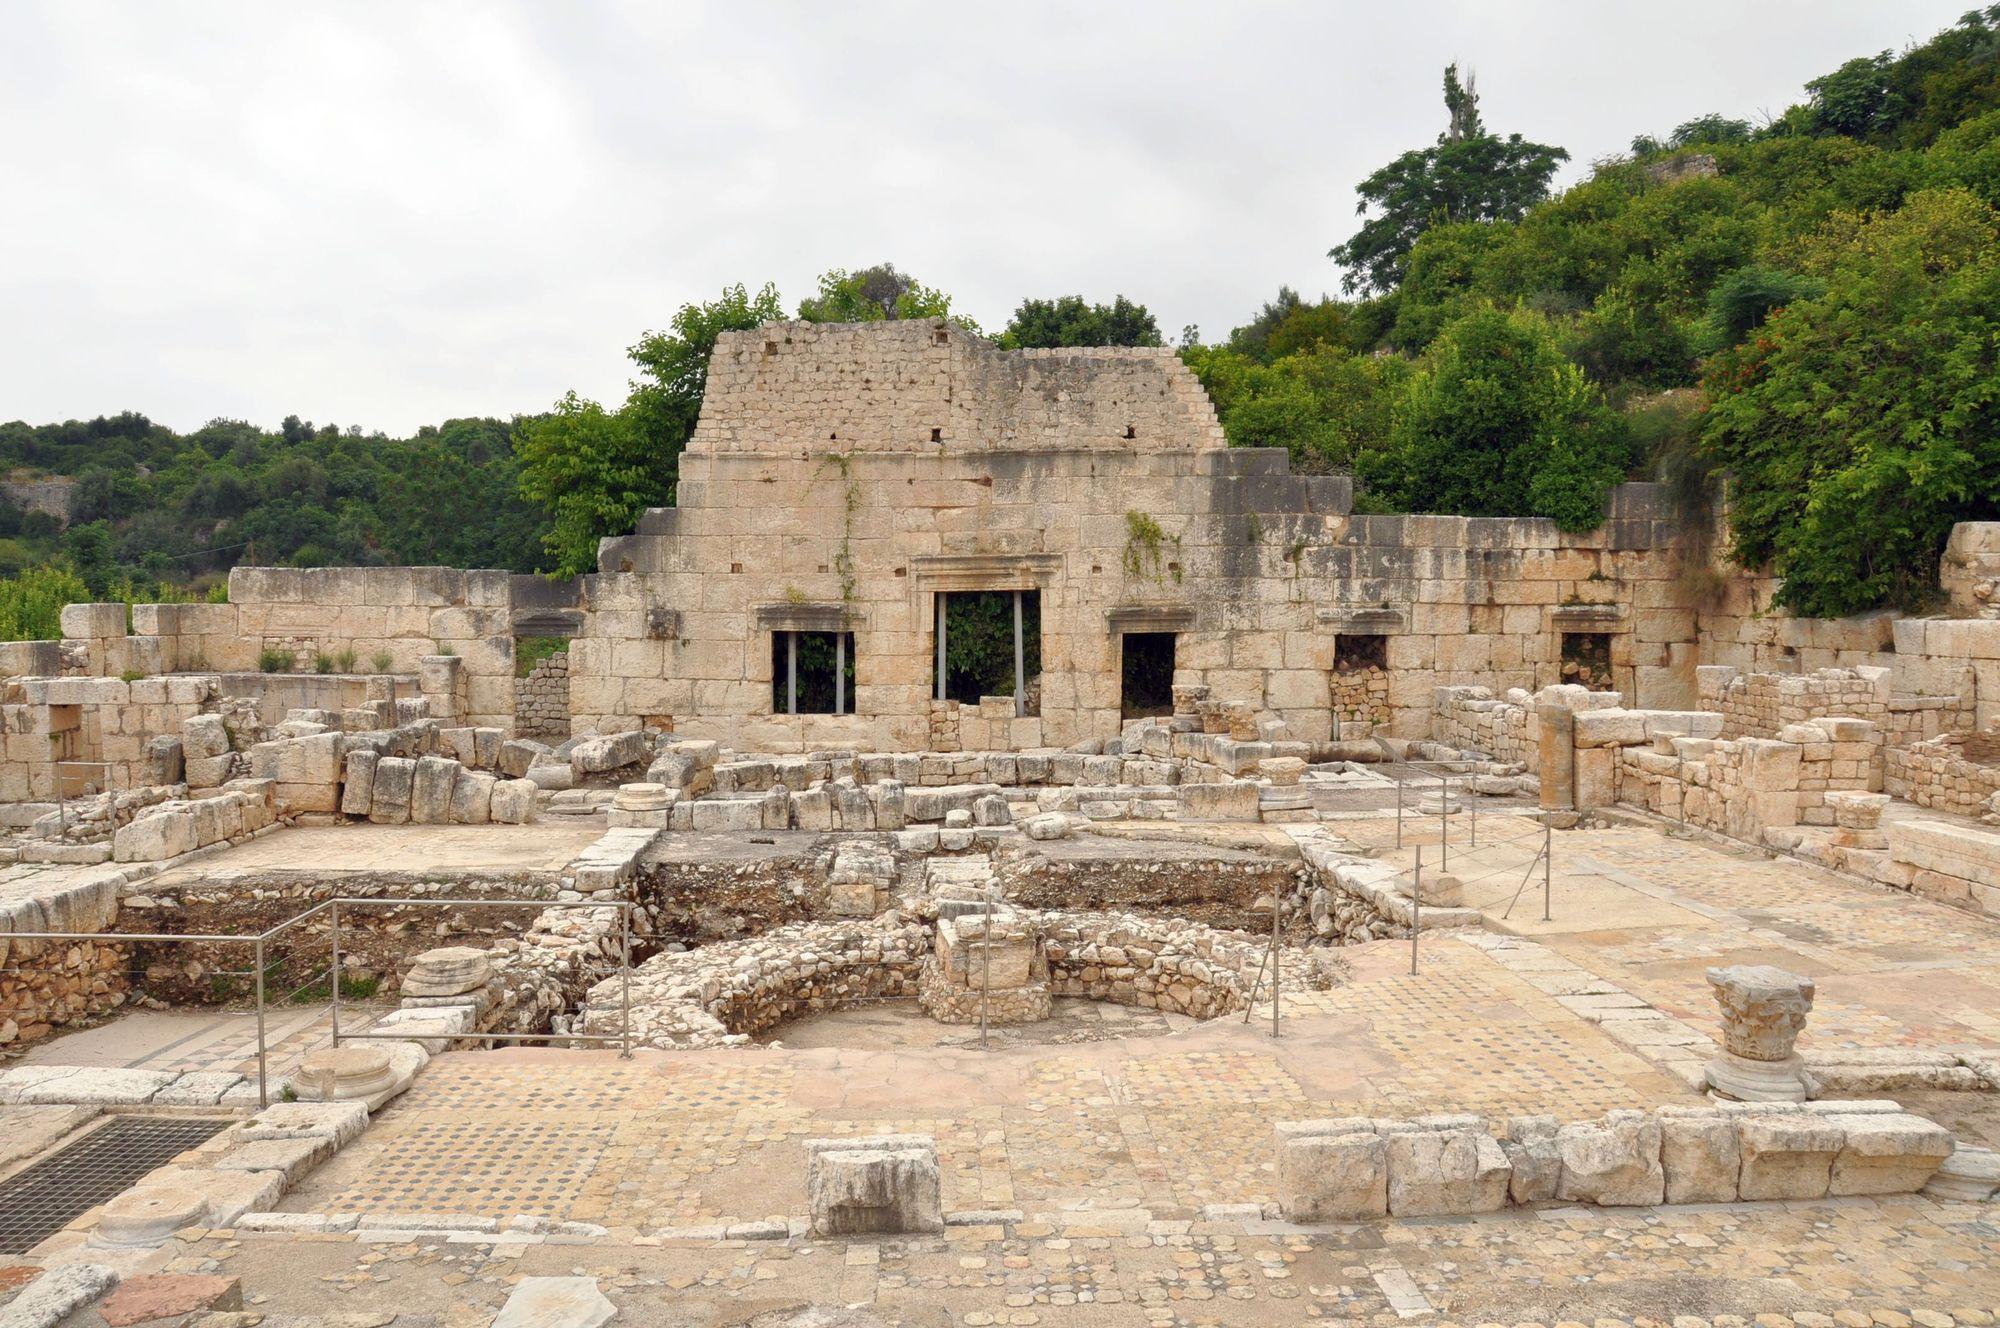 Elaiussa Sebaste ancient city